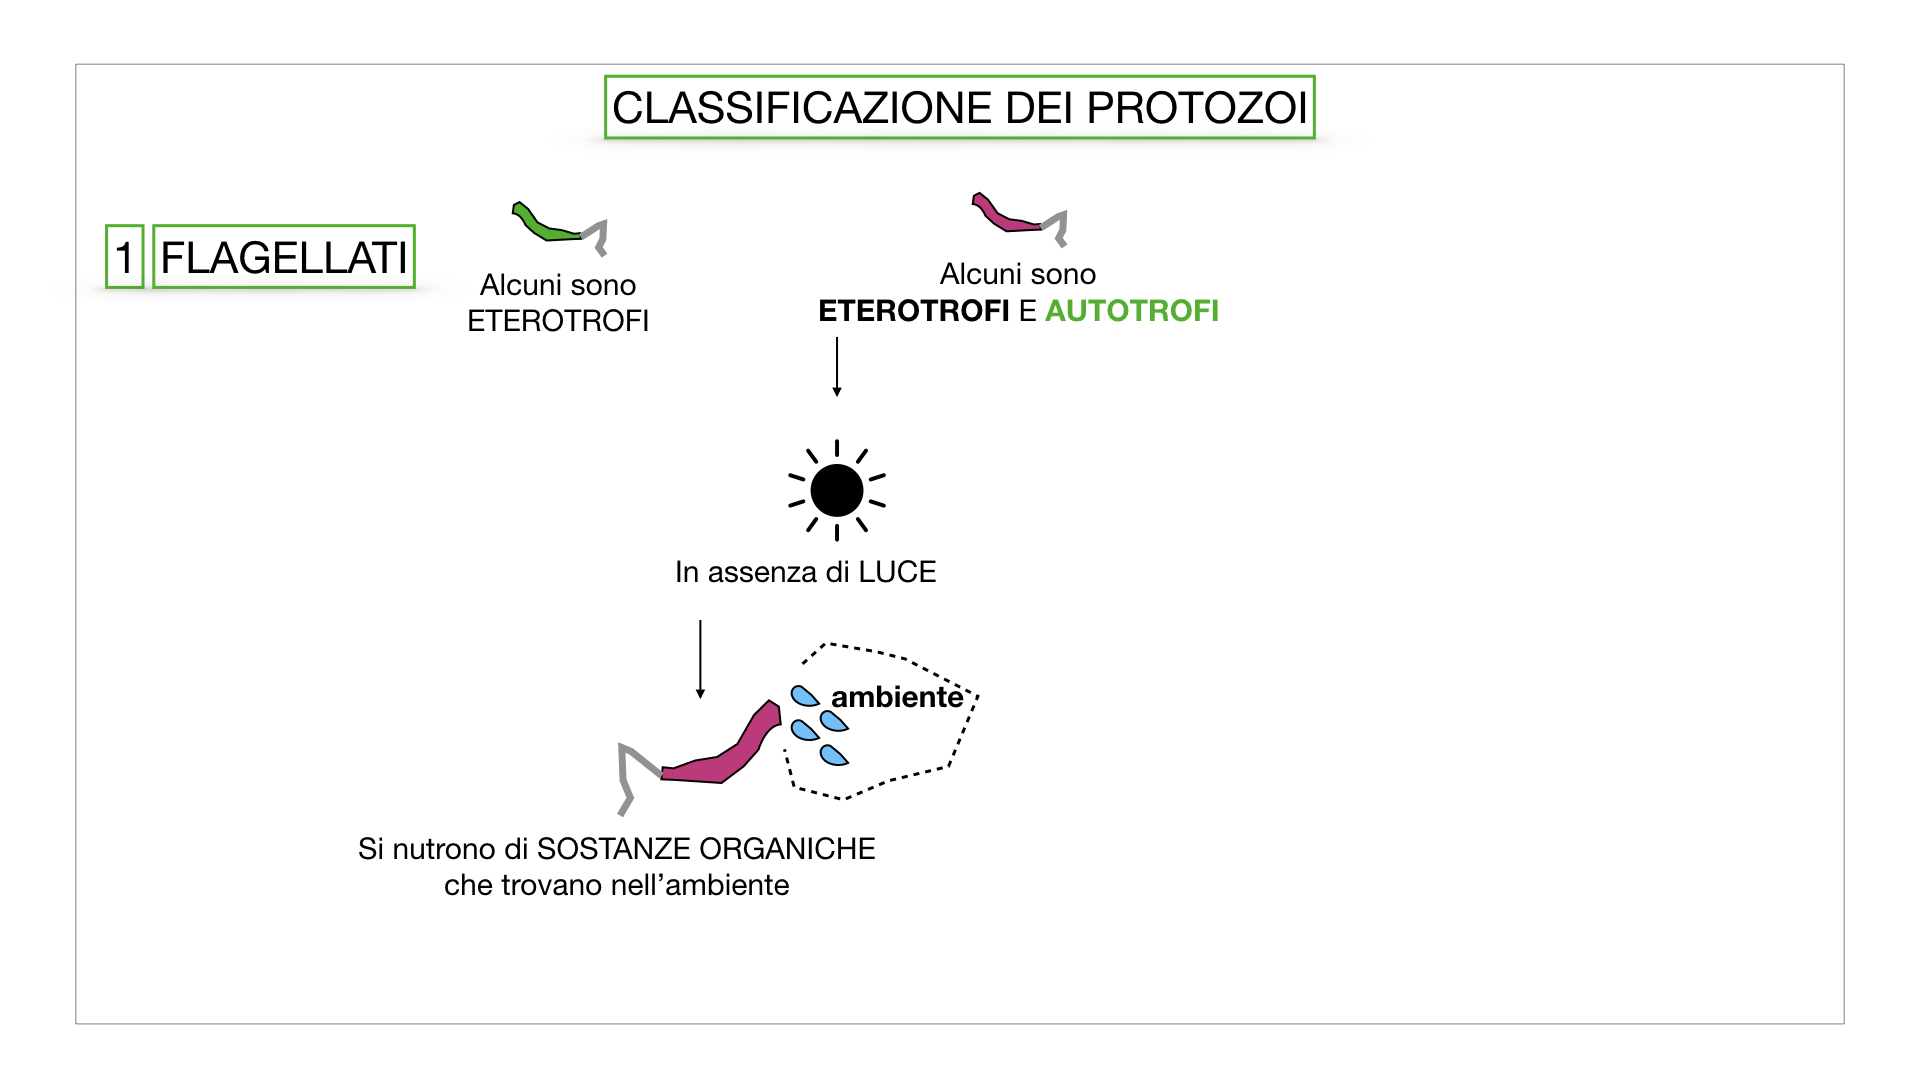 6. PROTOZOI_classificazione_SIMULAZIONE.015